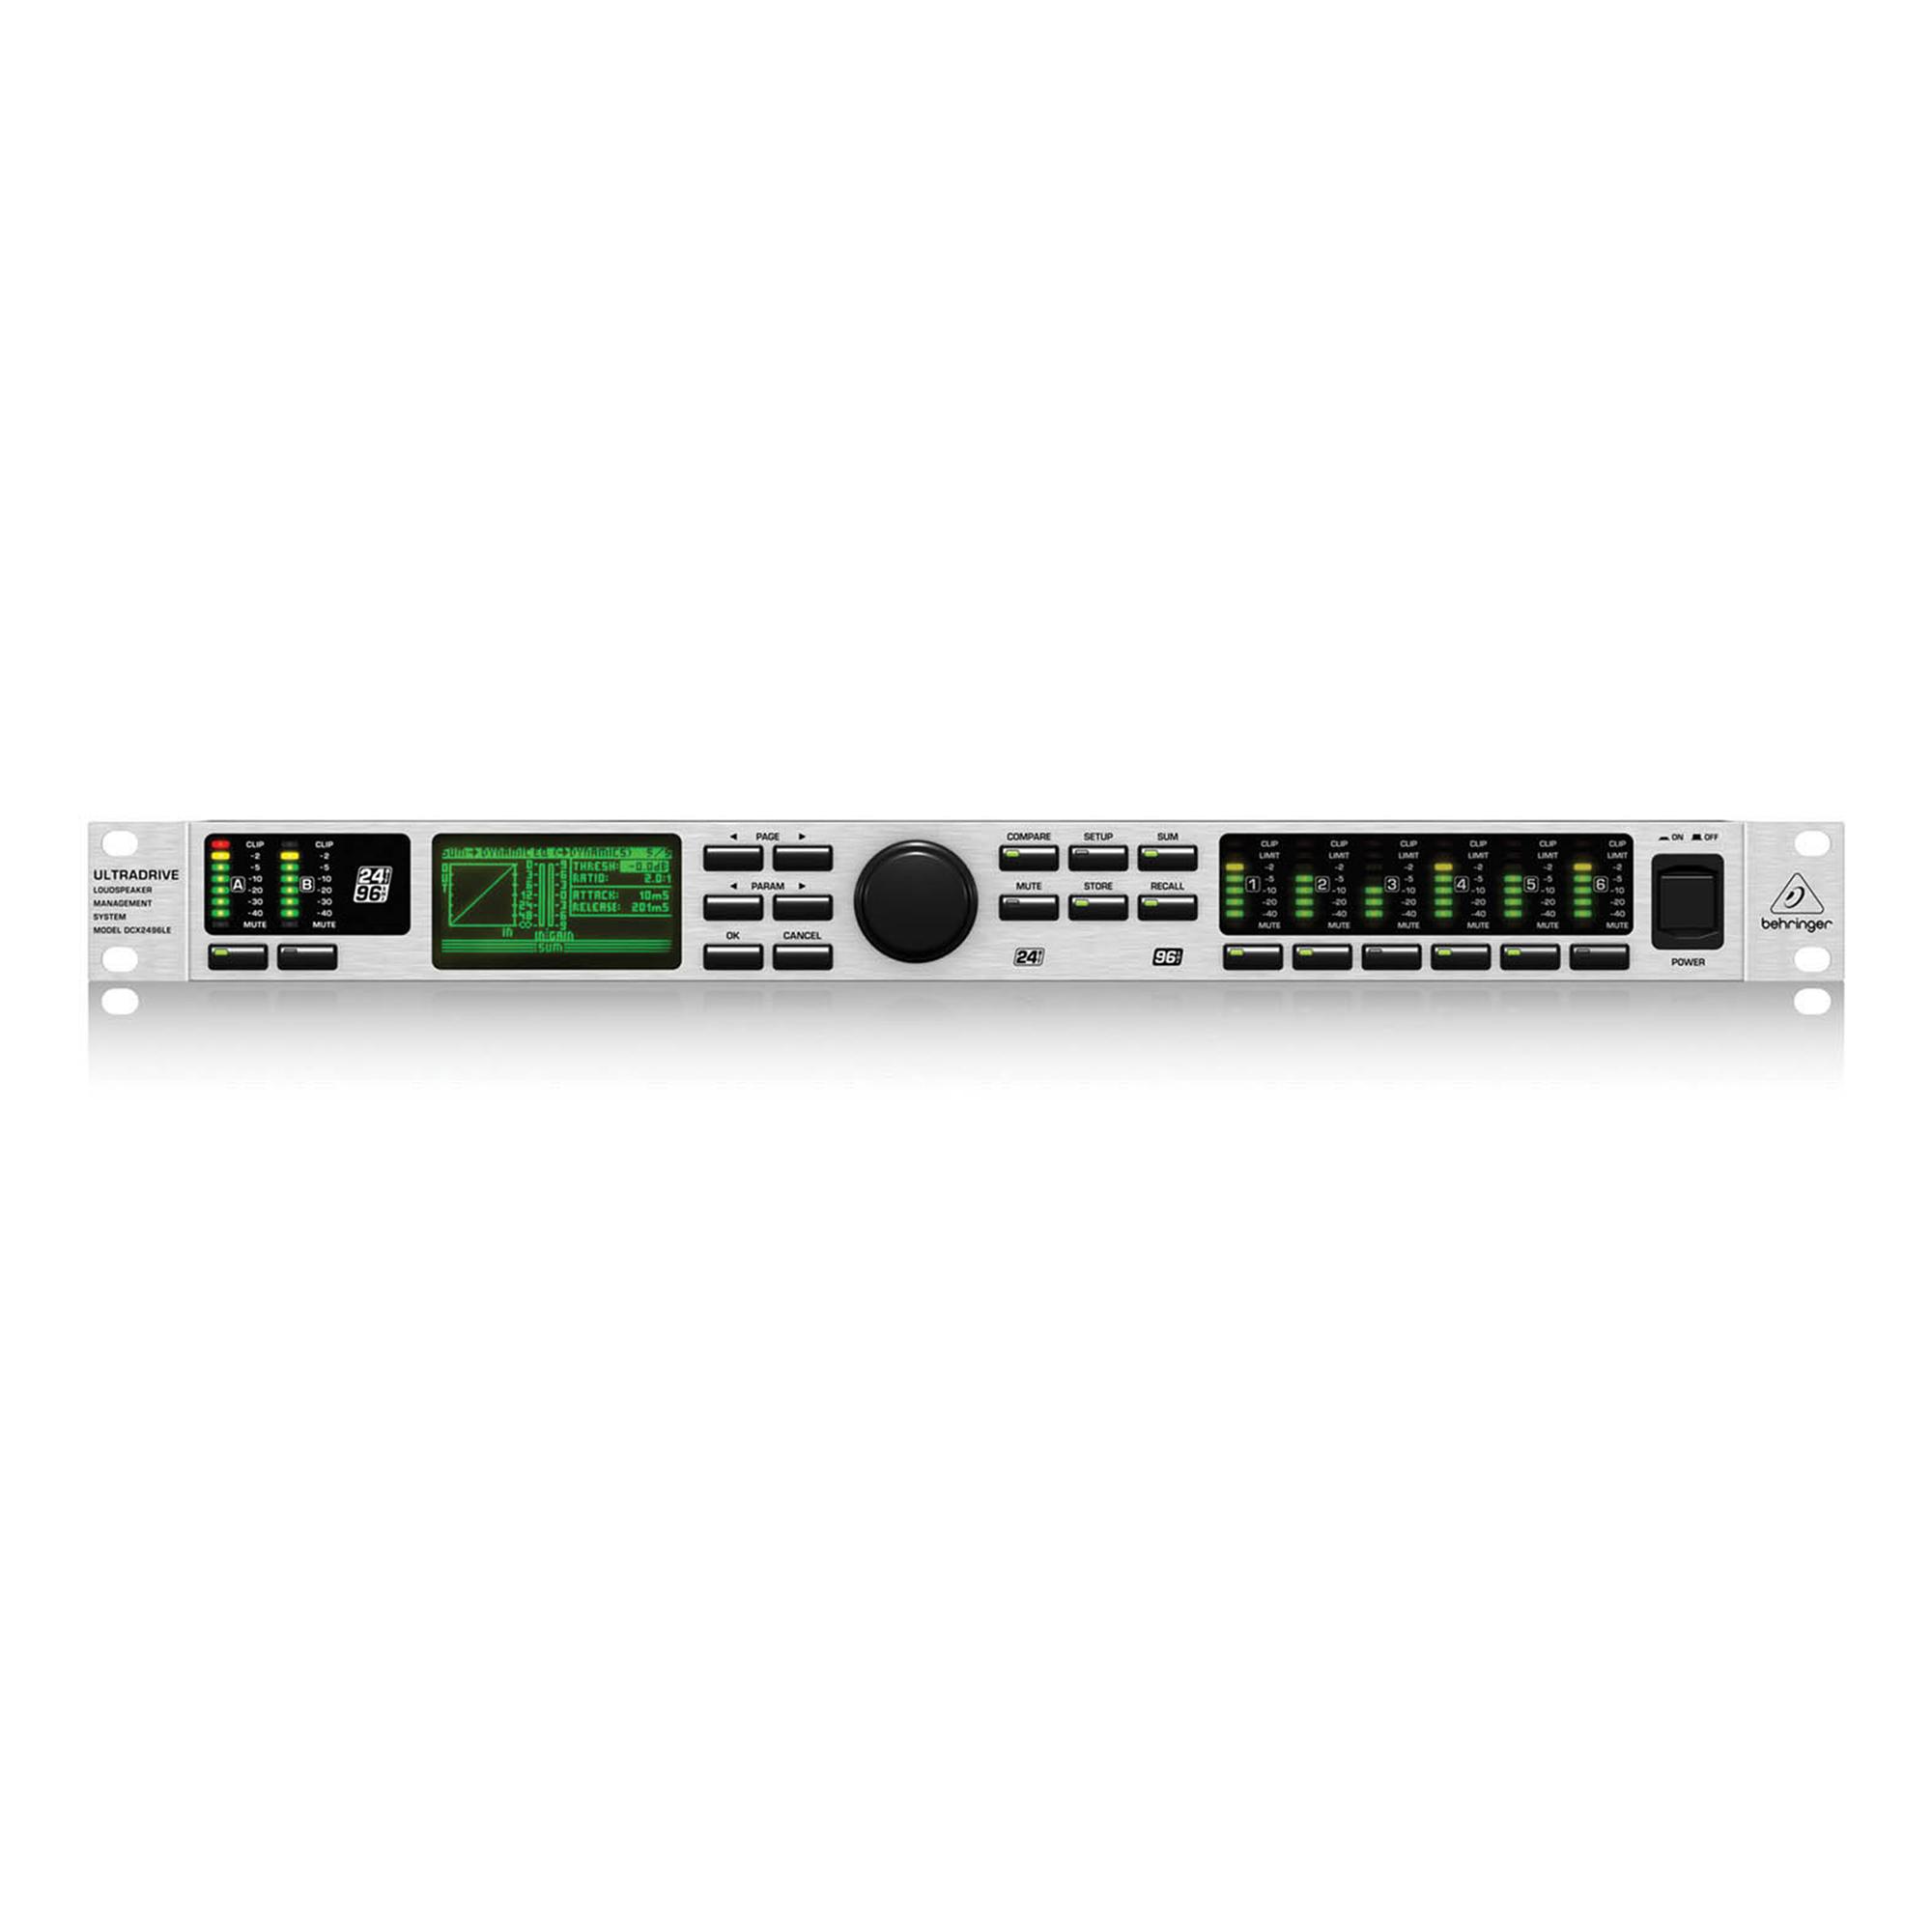 behringer dcx2496le ultradrive pro loudspeaker management system. Black Bedroom Furniture Sets. Home Design Ideas